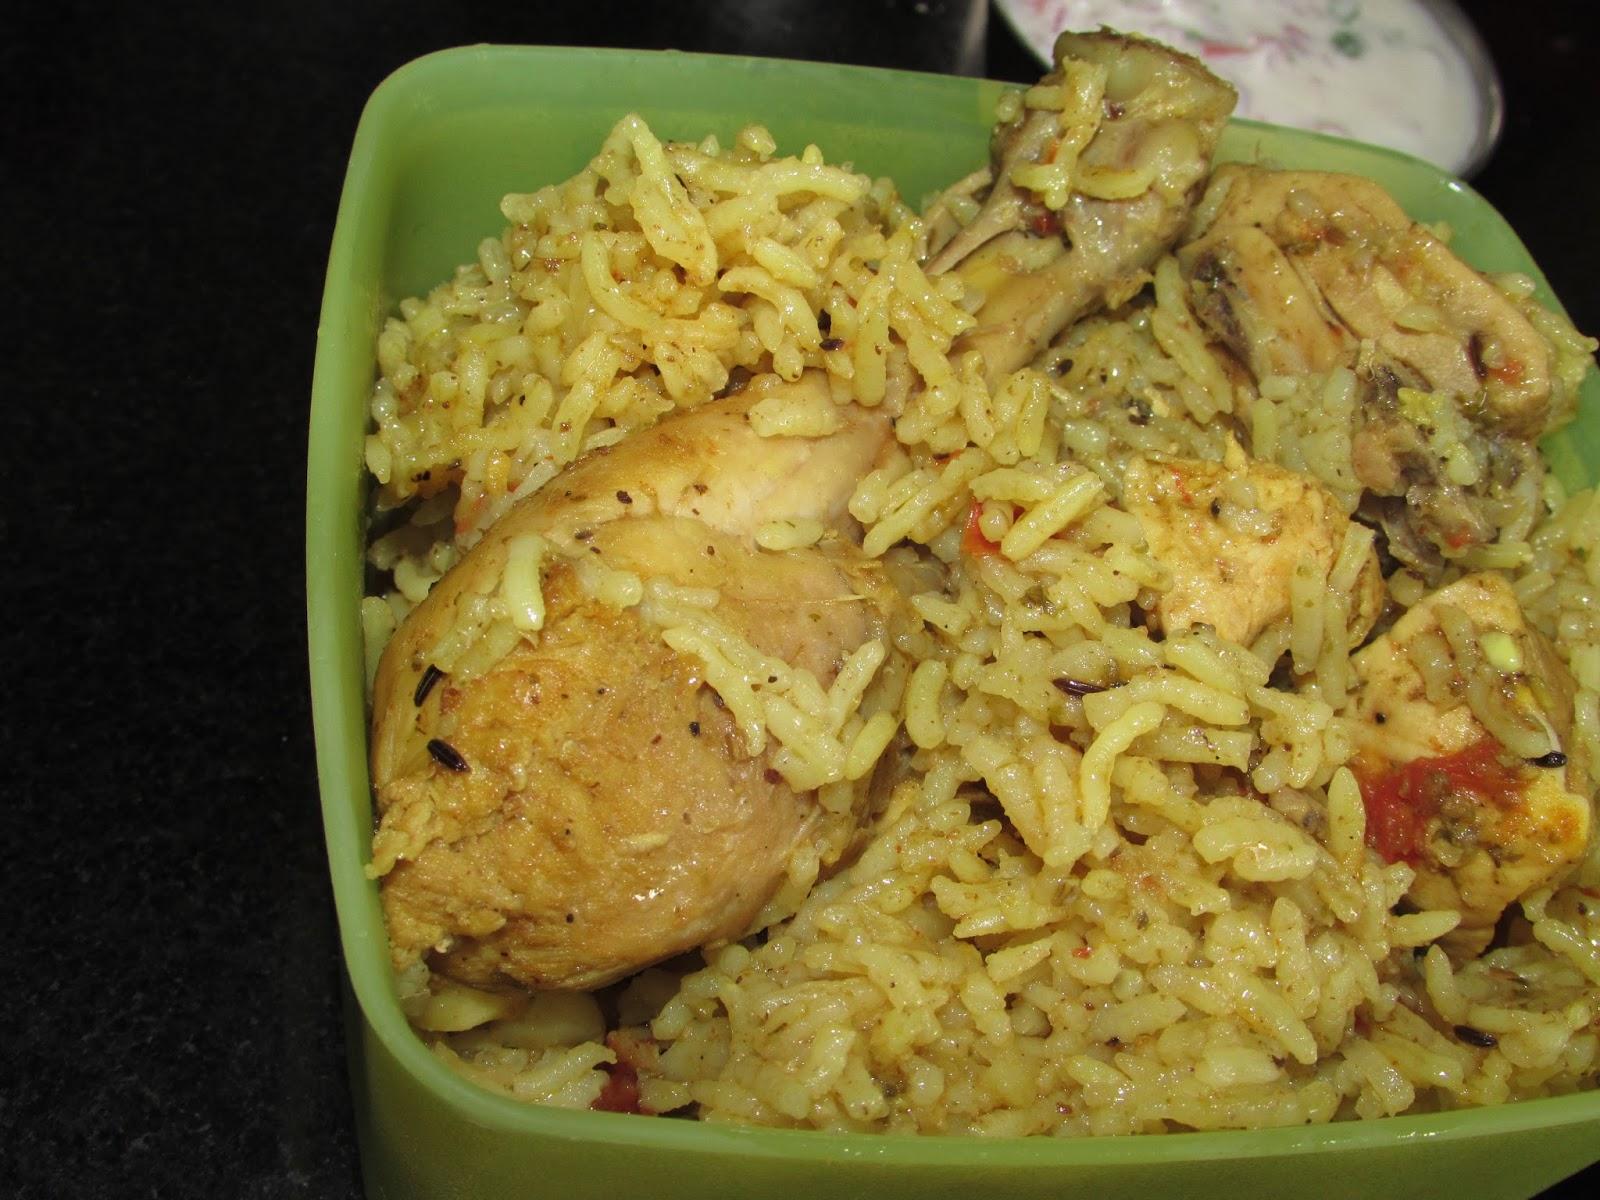 Chicken biryani muslim style - photo#8